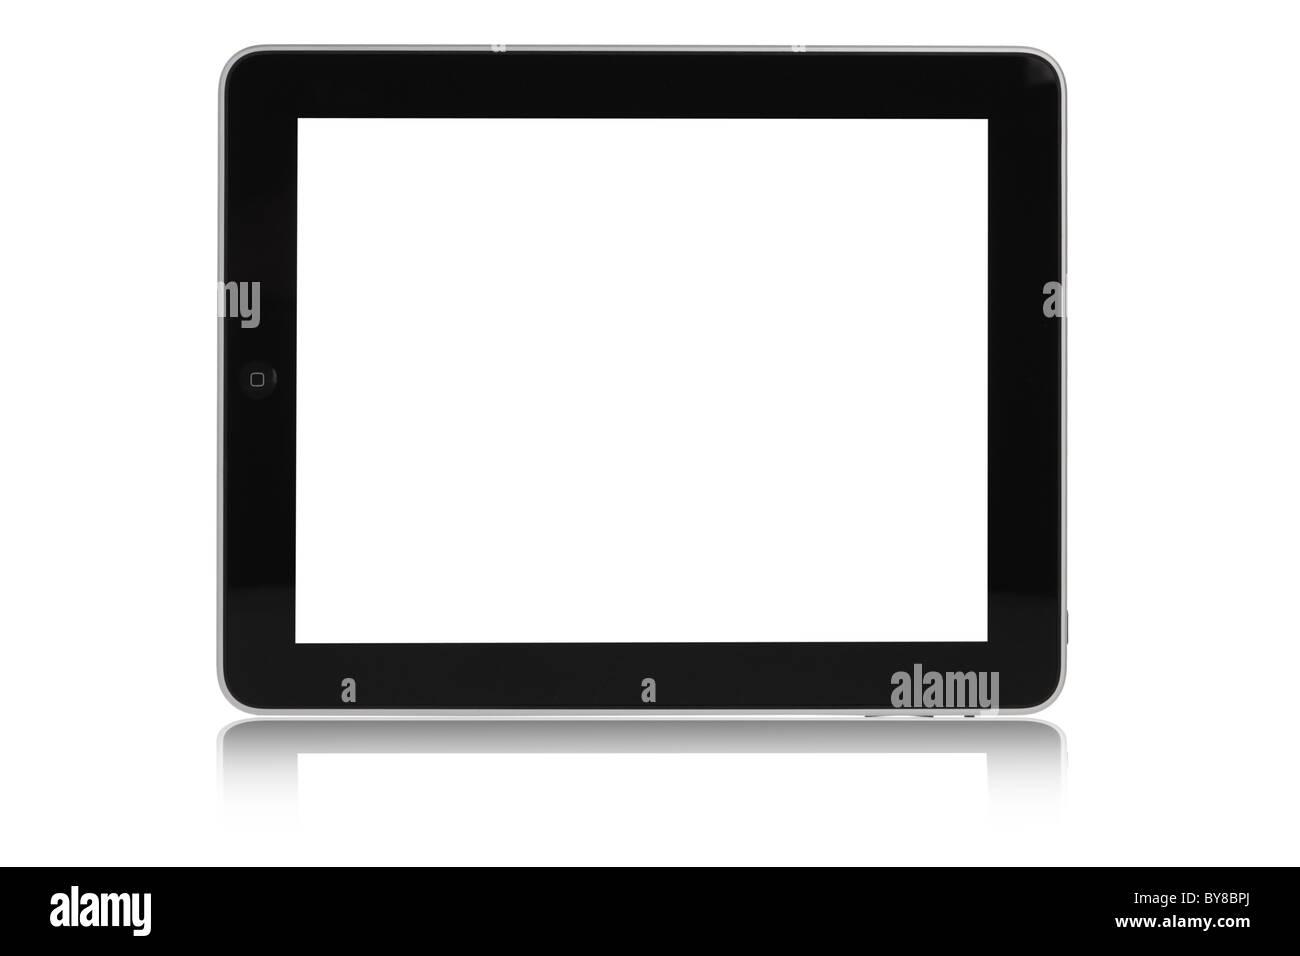 Apple-Ipad-Ausschnitt auf weißem Hintergrund mit schwarzer Bildschirm Stockbild